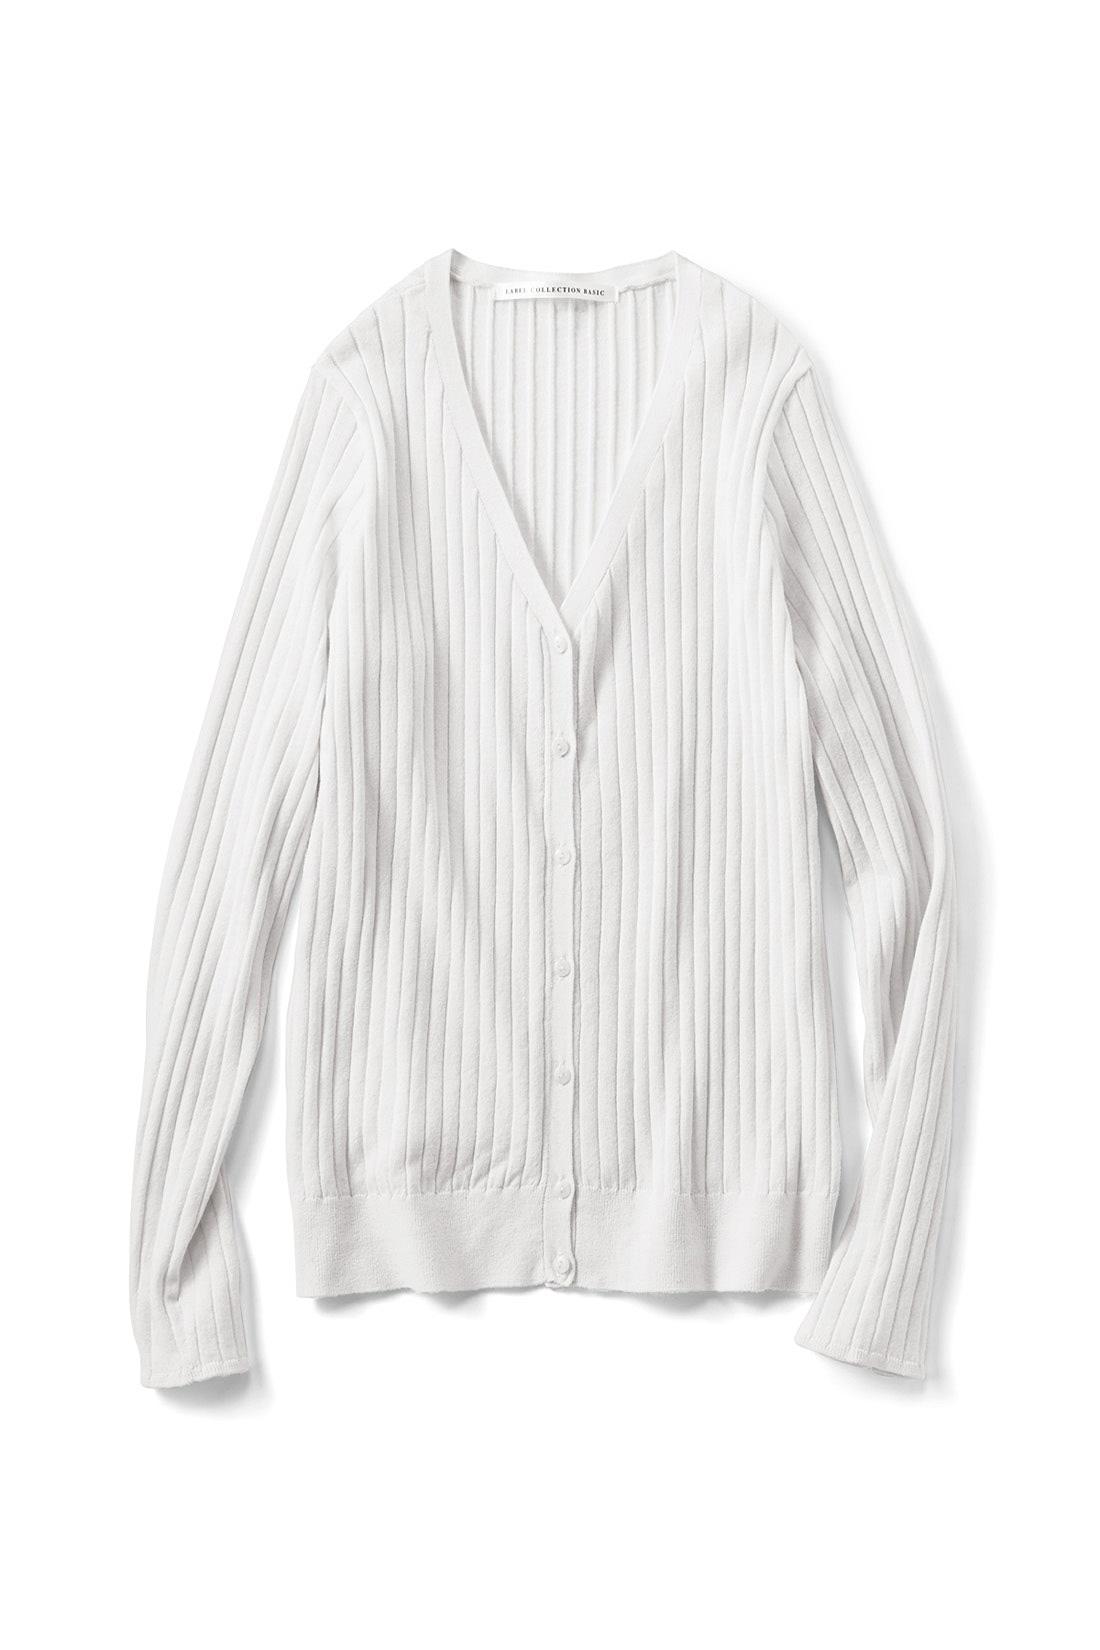 さわやかで着まわし力抜群〈ホワイト〉 細いリブ遣いの前立てと小さめの貝調ボタンも上品な雰囲気。編み地続きで仕上げた袖口がきれいめな印象。